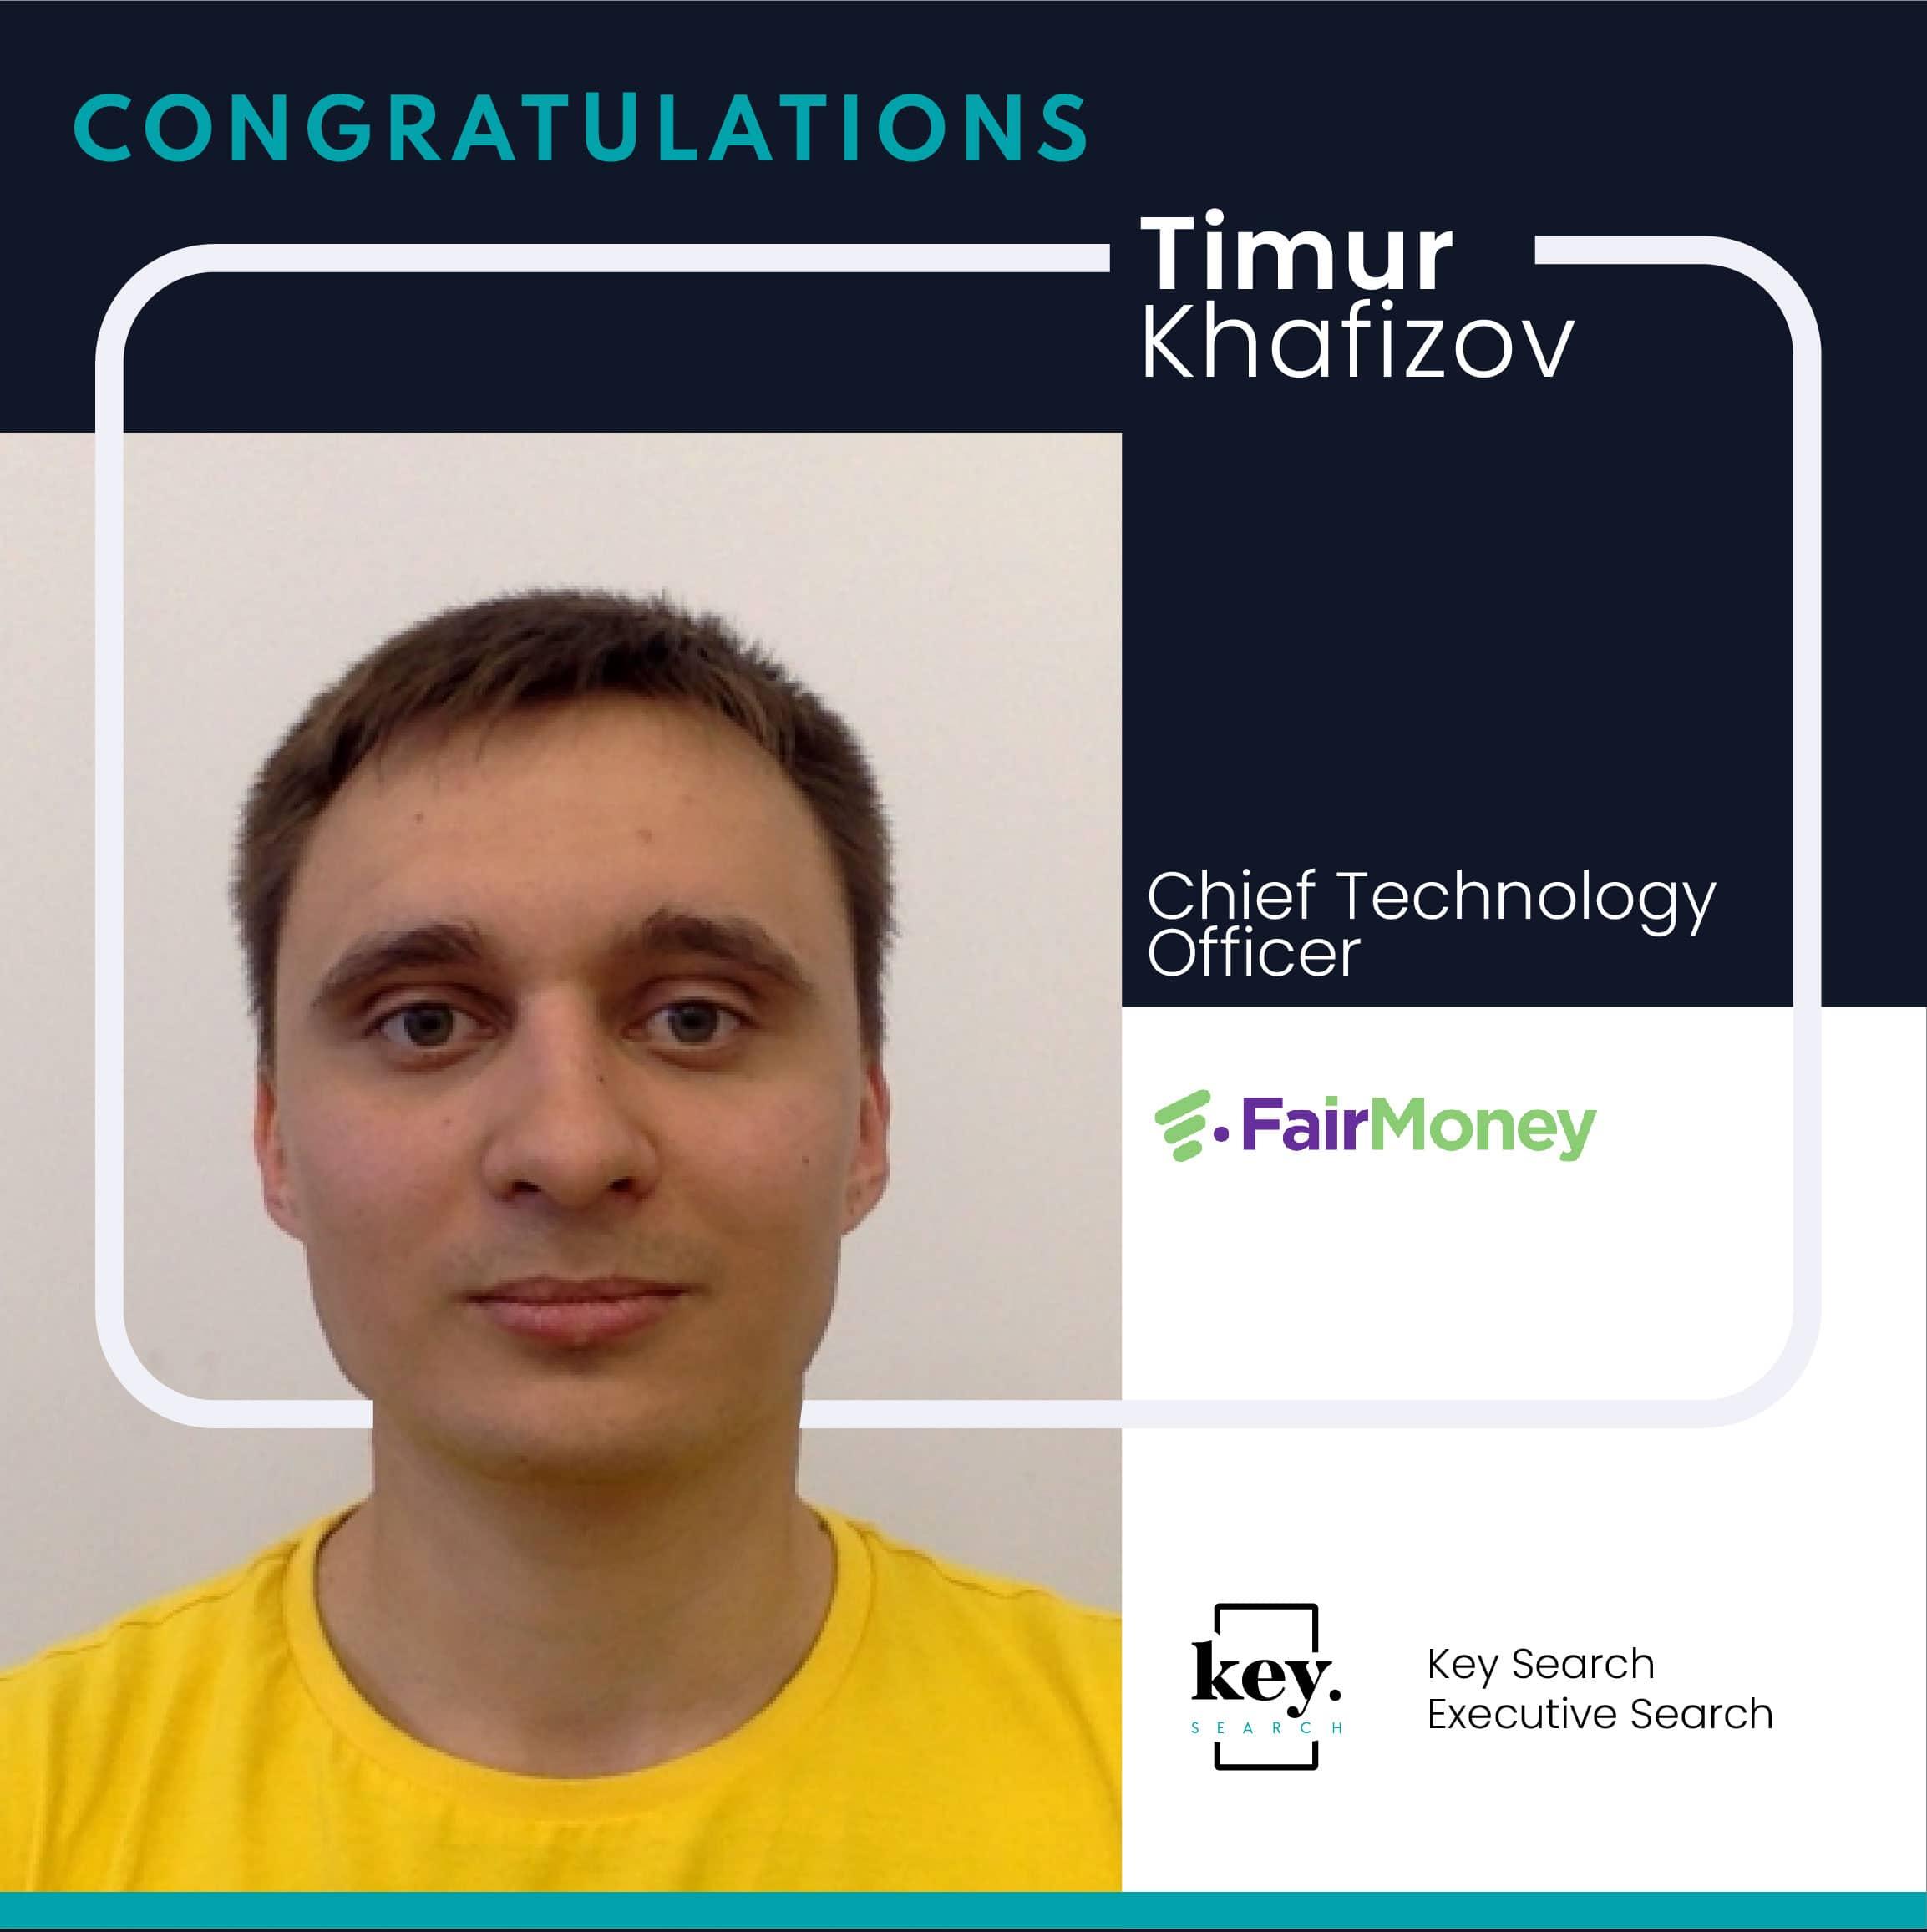 Congratulations_Post_Timur- Khafizov